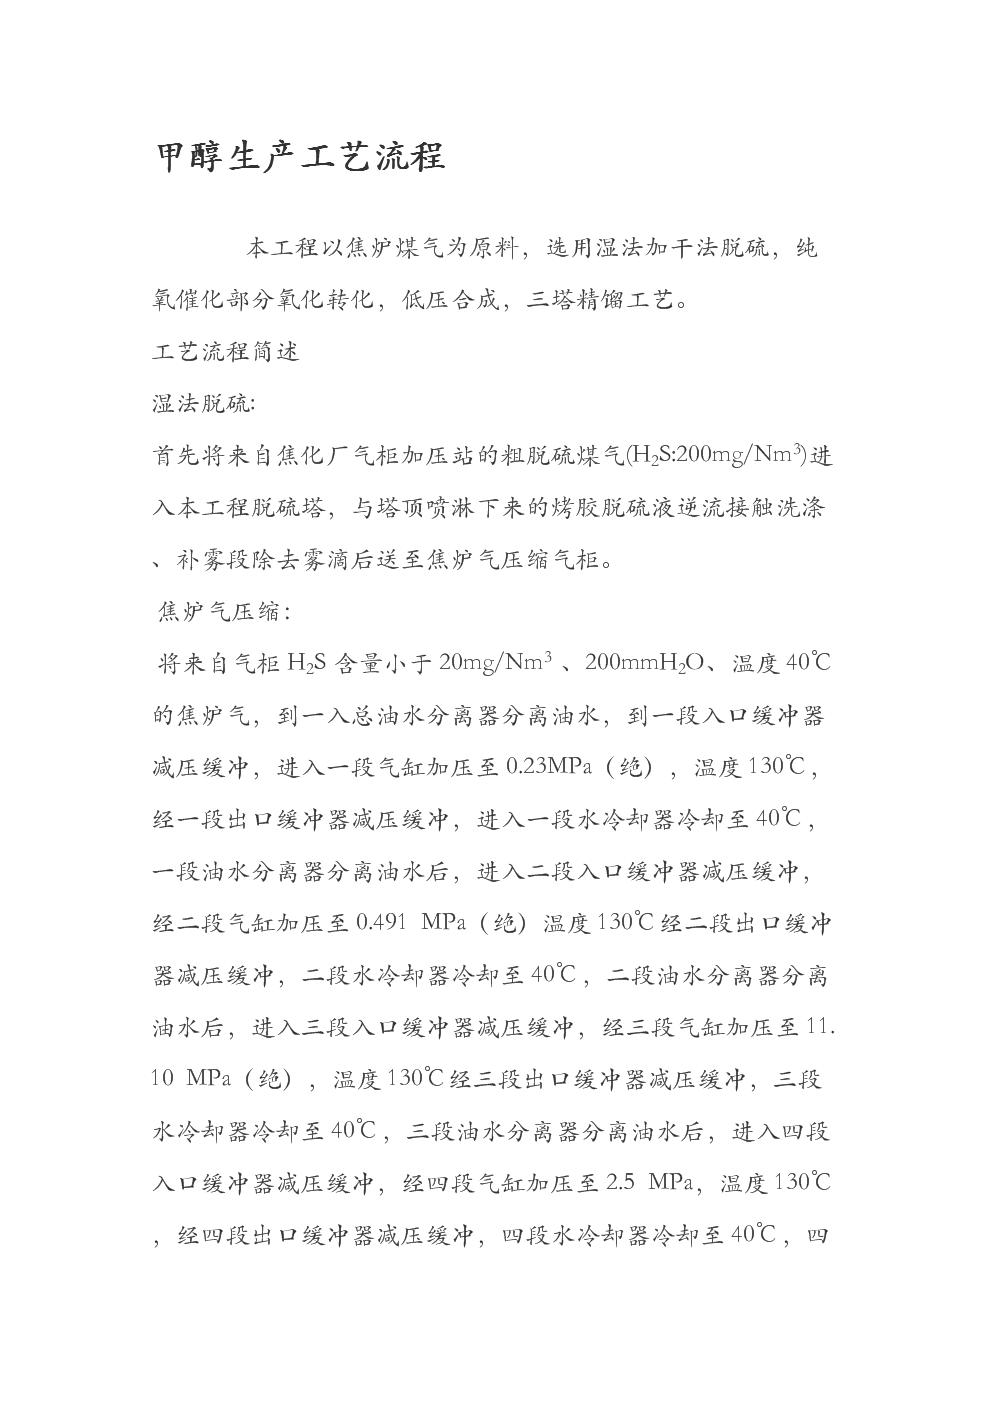 甲醇生产工艺流程.doc